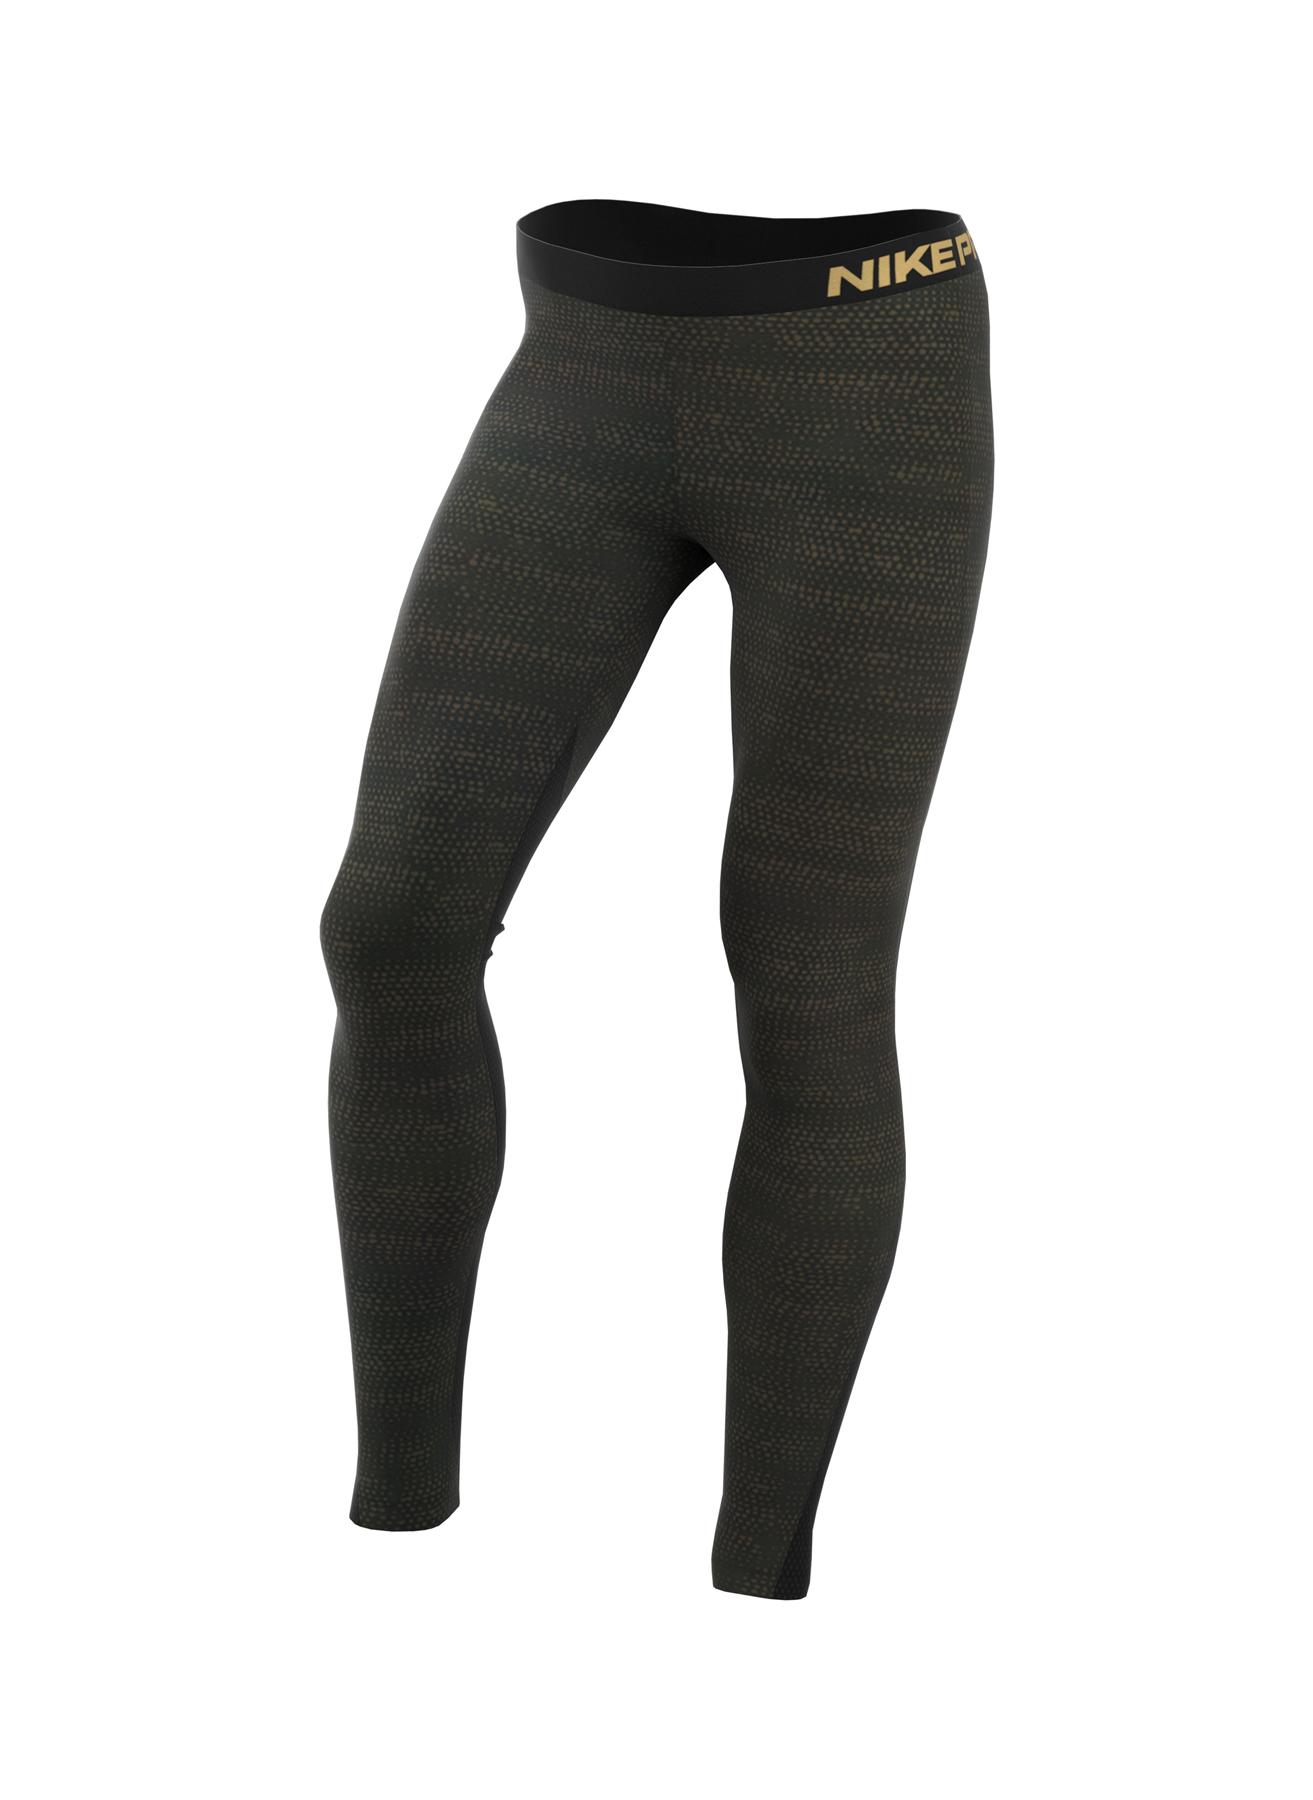 Nike Tayt S 5002329024003 Ürün Resmi